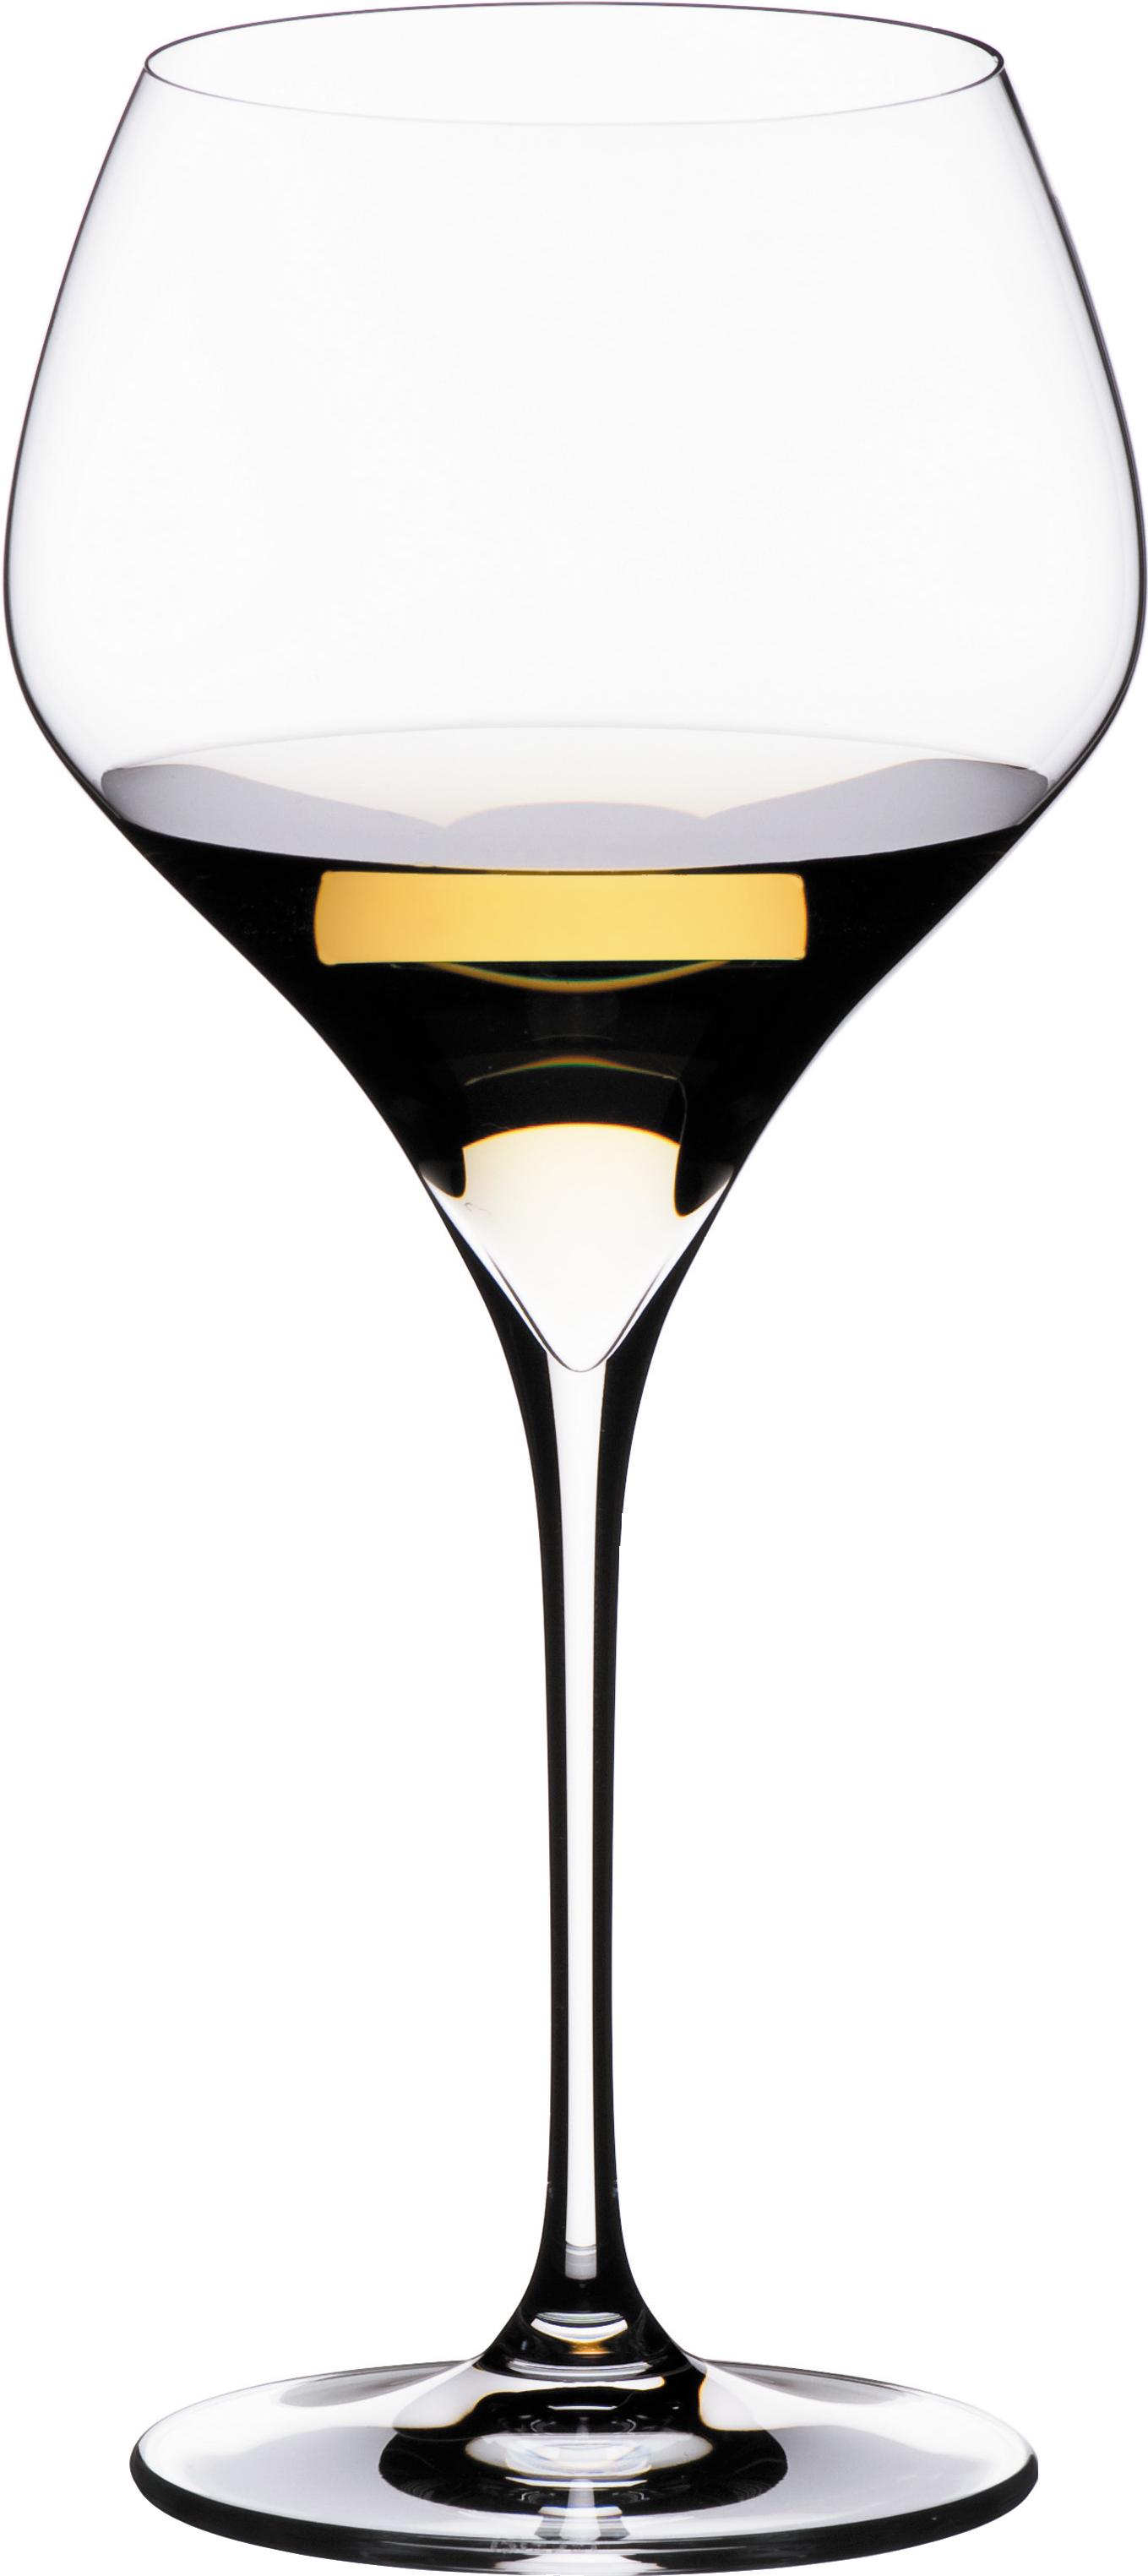 Wine Glass Png Image Wine Glass Glass Wine